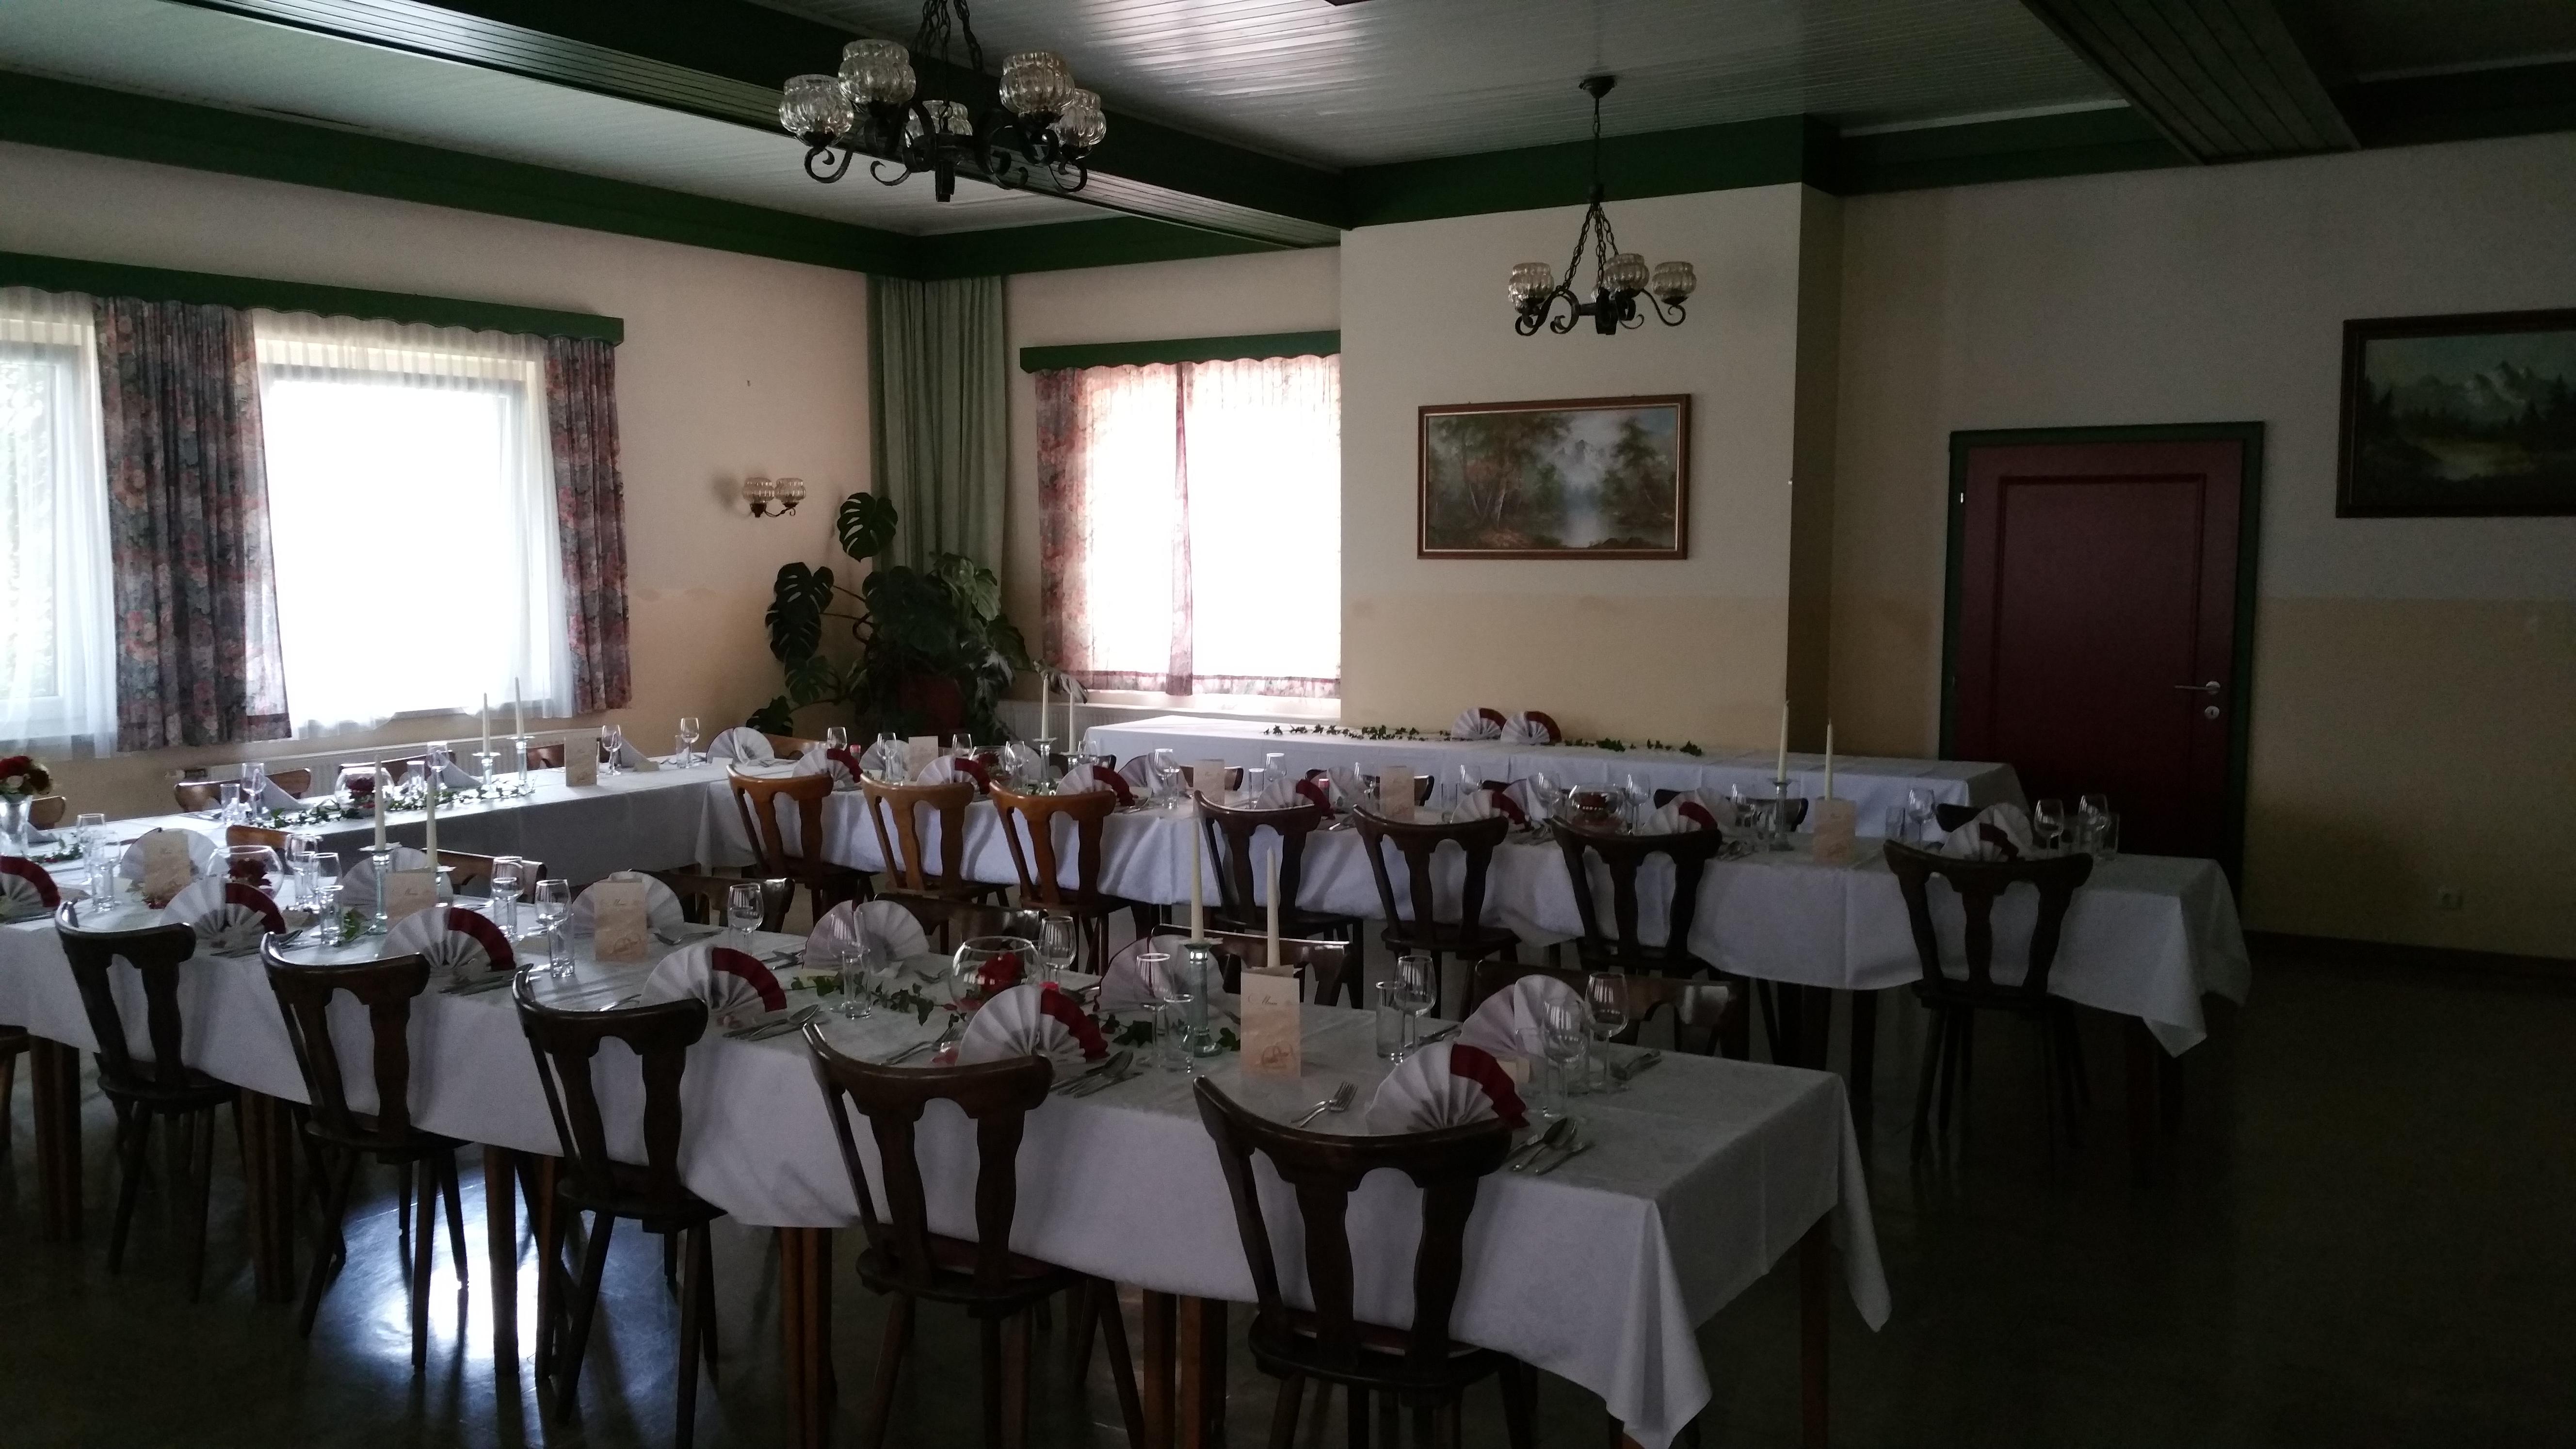 Festsaal-weiß-gedeckt